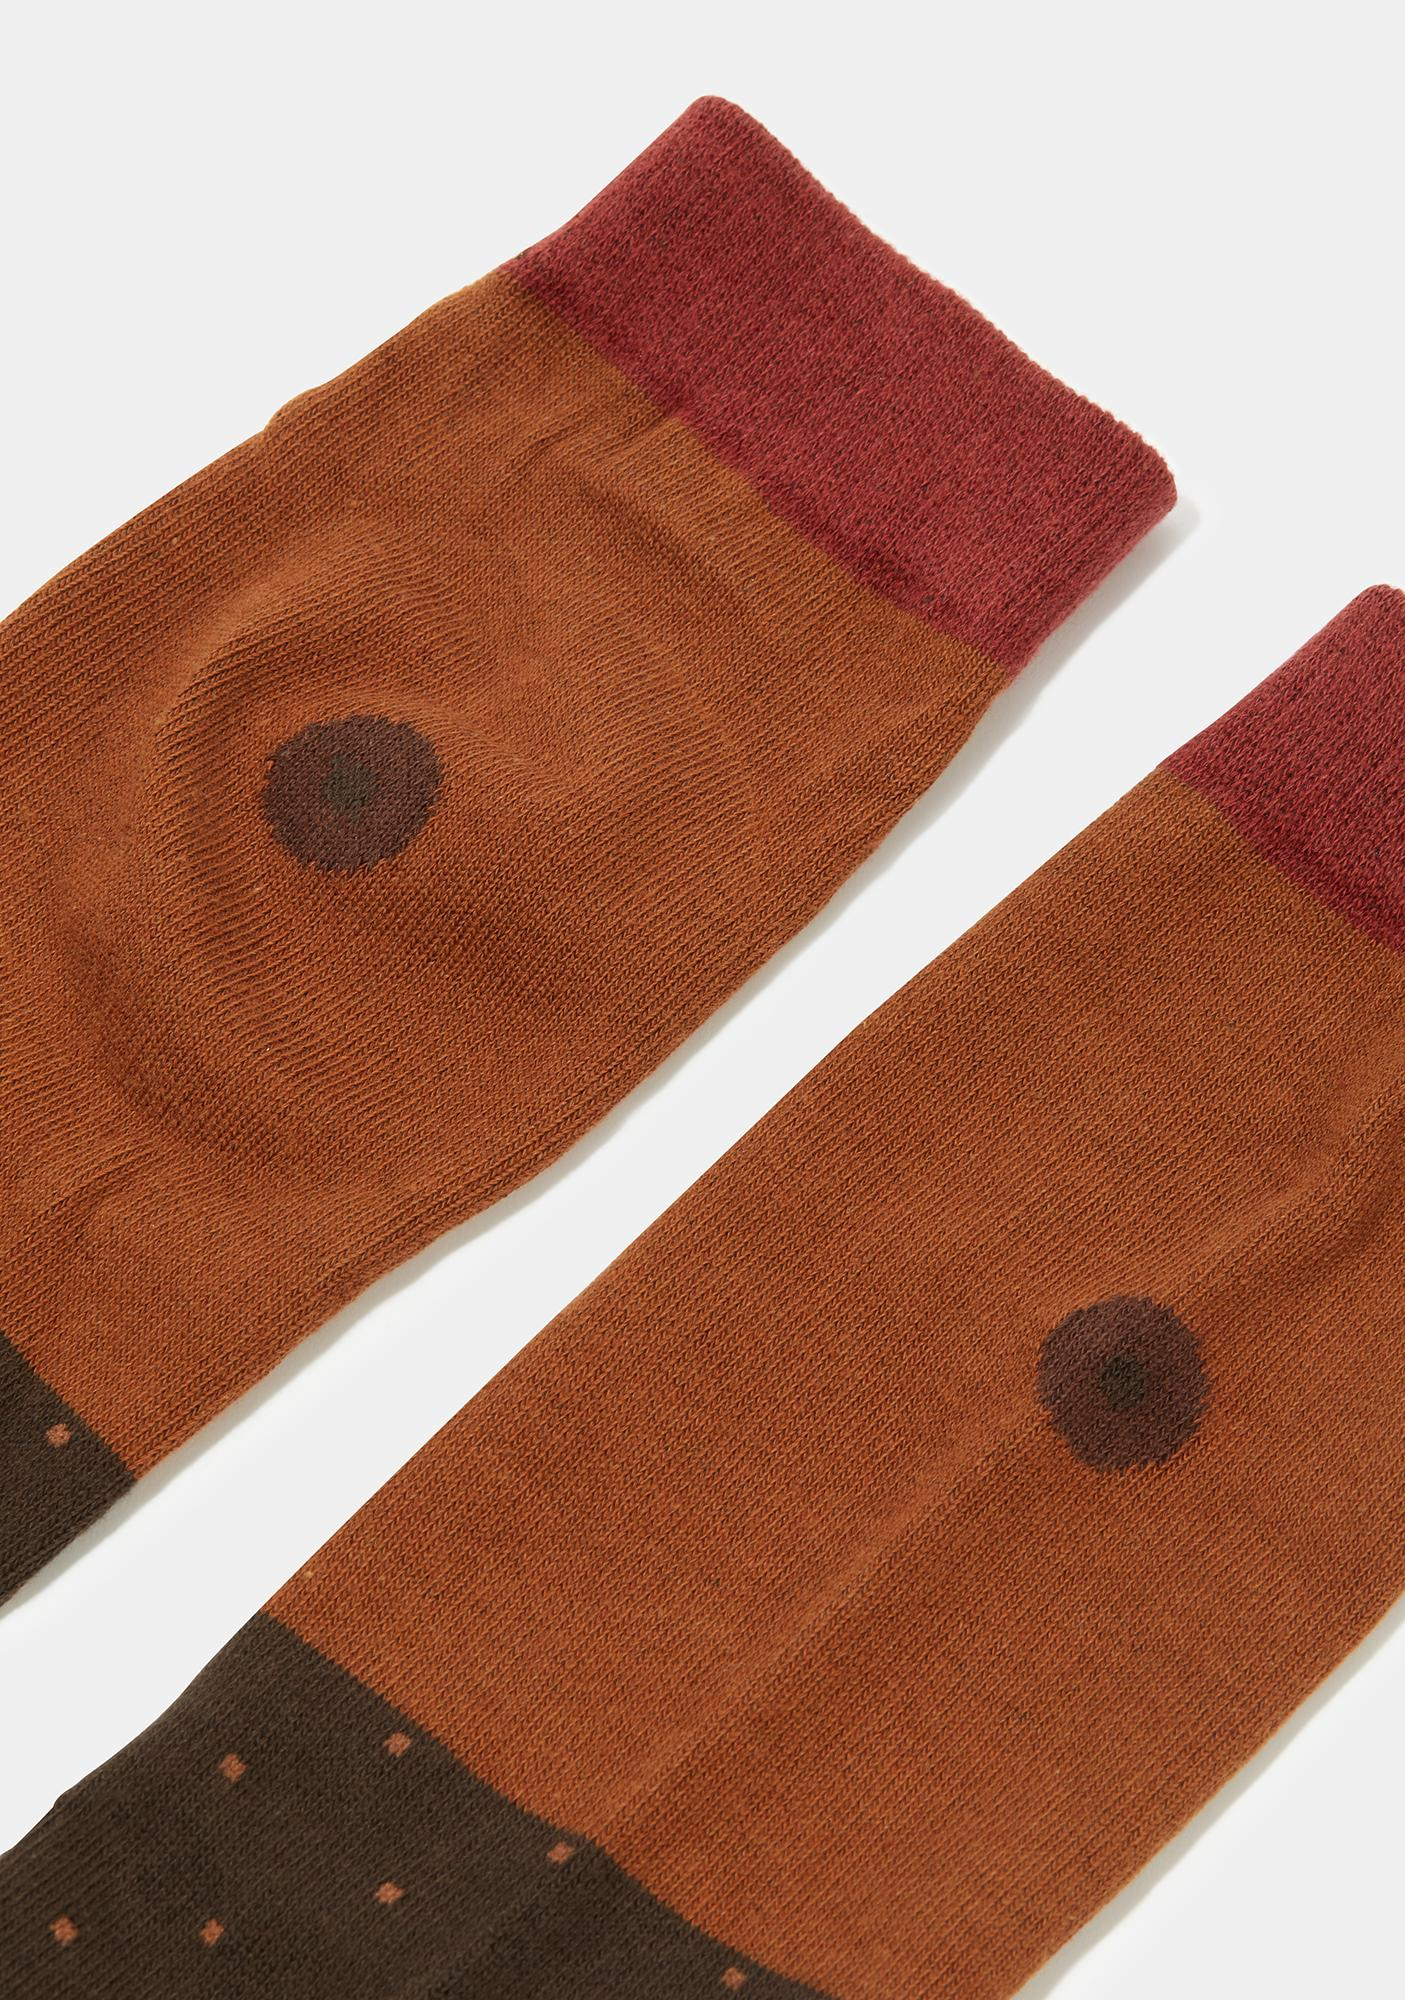 Umber Girl Power Crew Socks